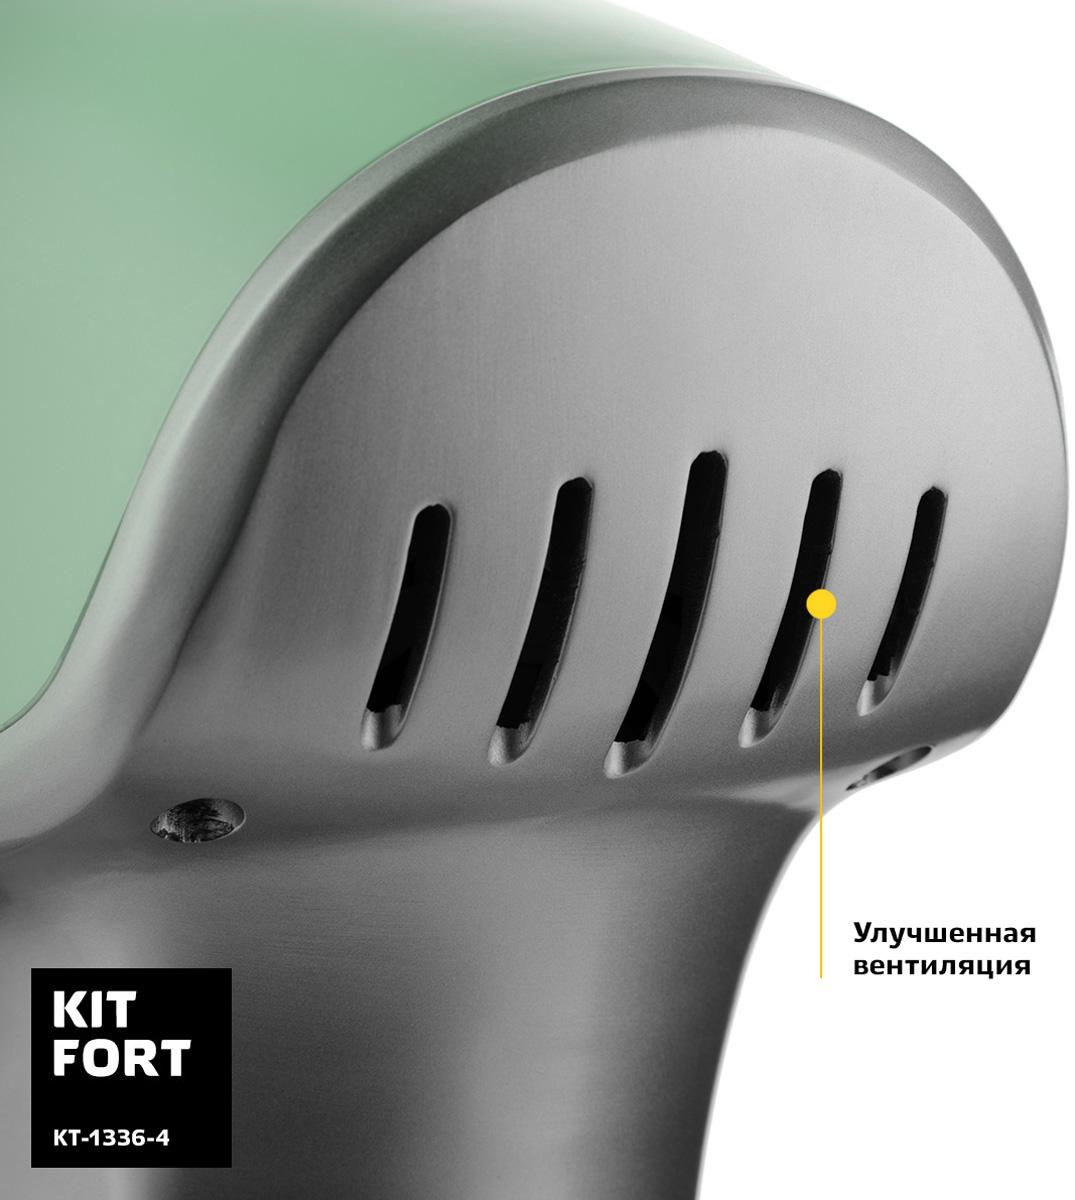 Миксер Kitfort КТ-1336-4, Green планетарный Kitfort